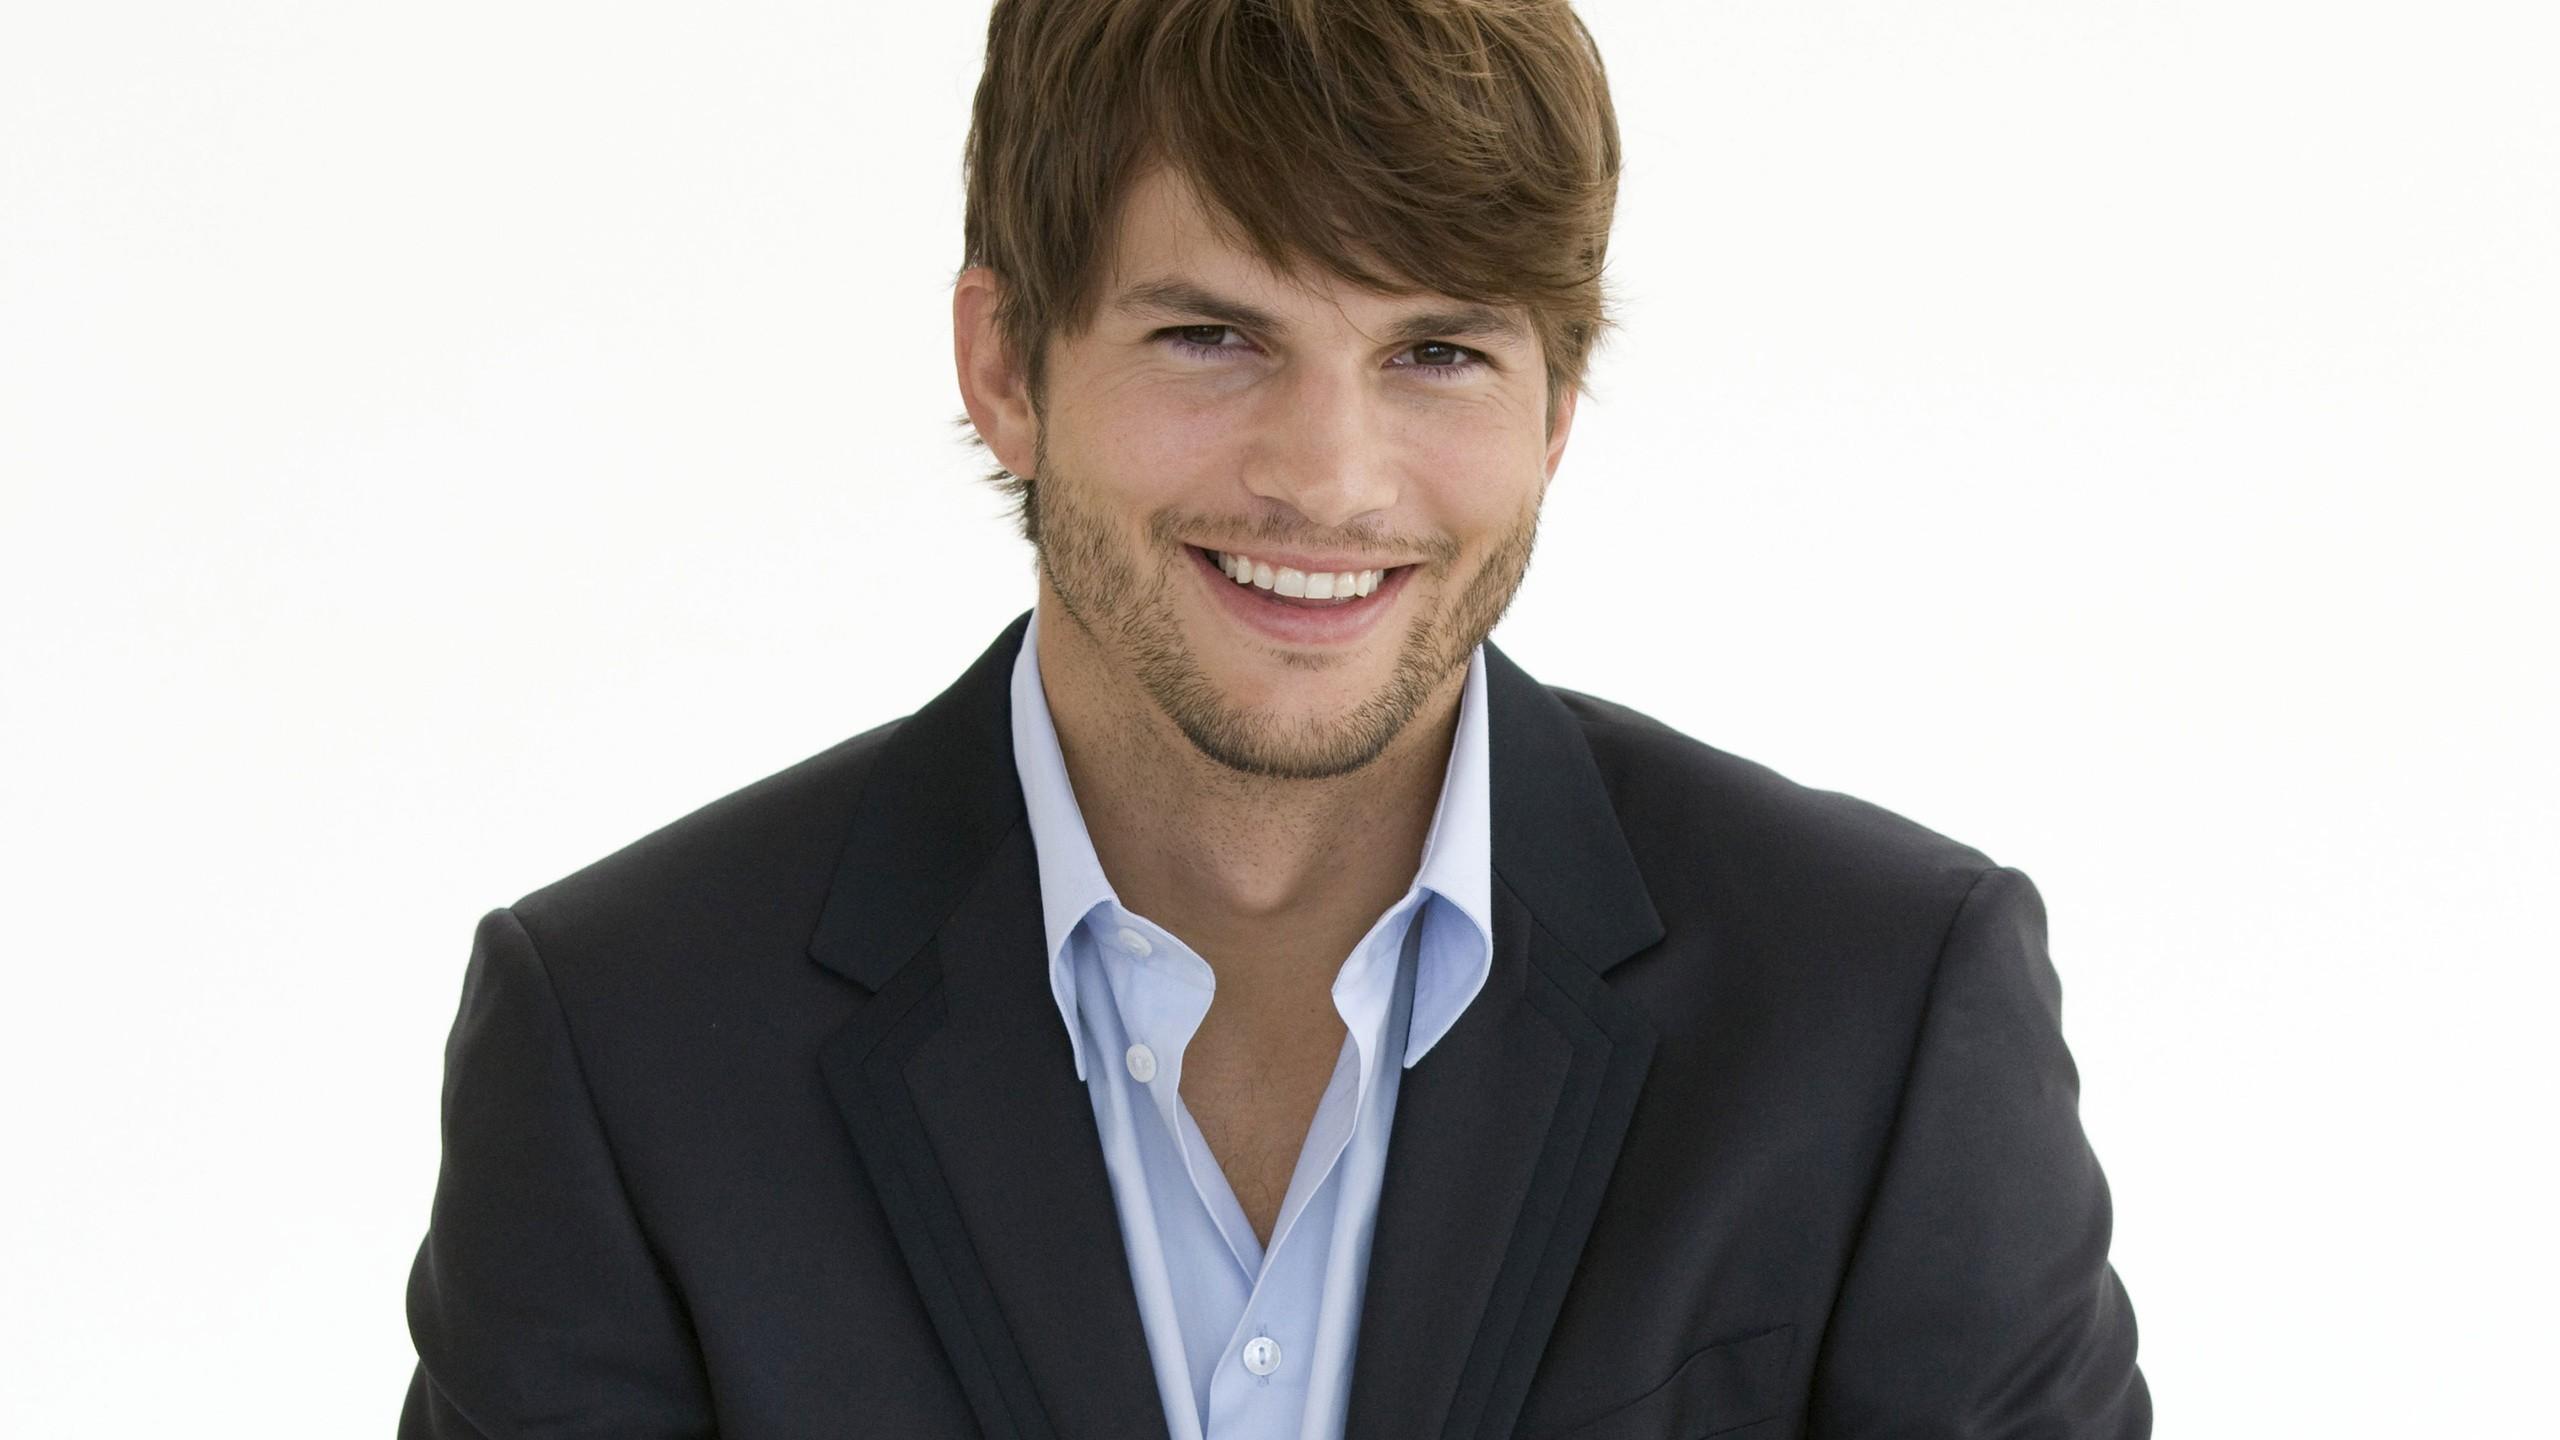 Ashton Kutcher PC Wallpaper